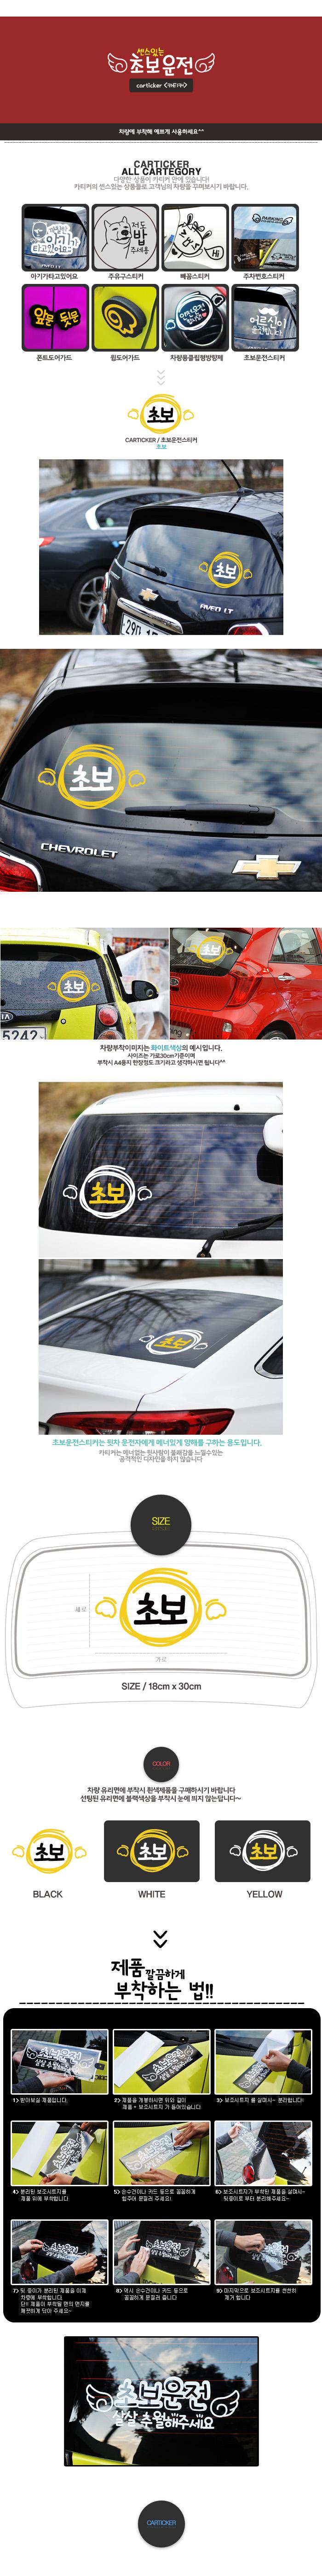 날개초보 - (투톤)초보운전스티커(NEW221) - 카티커, 3,820원, 자동차 스티커, 초보운전/아기탑승/주차 스티커